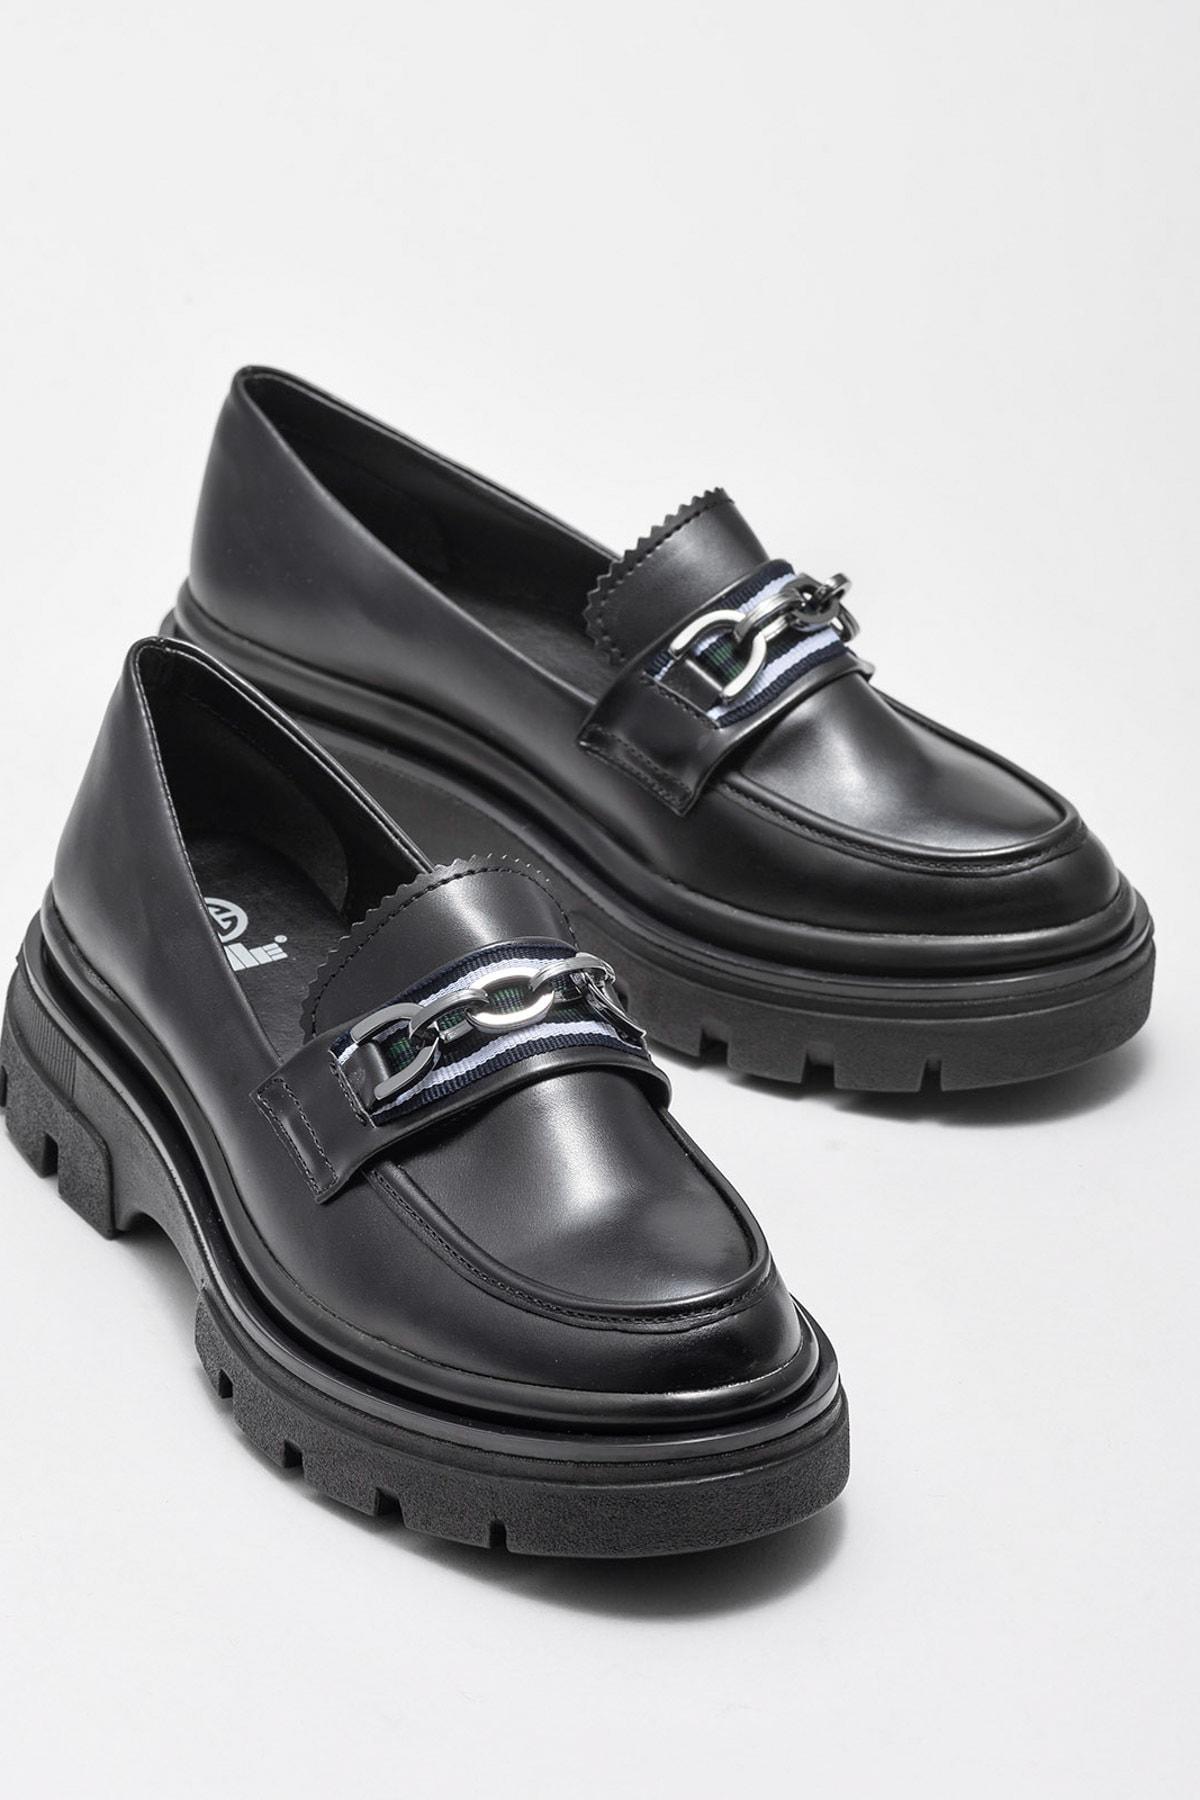 Elle Shoes Kadın Casual Ayakkabı Delevan 20KAY13 2